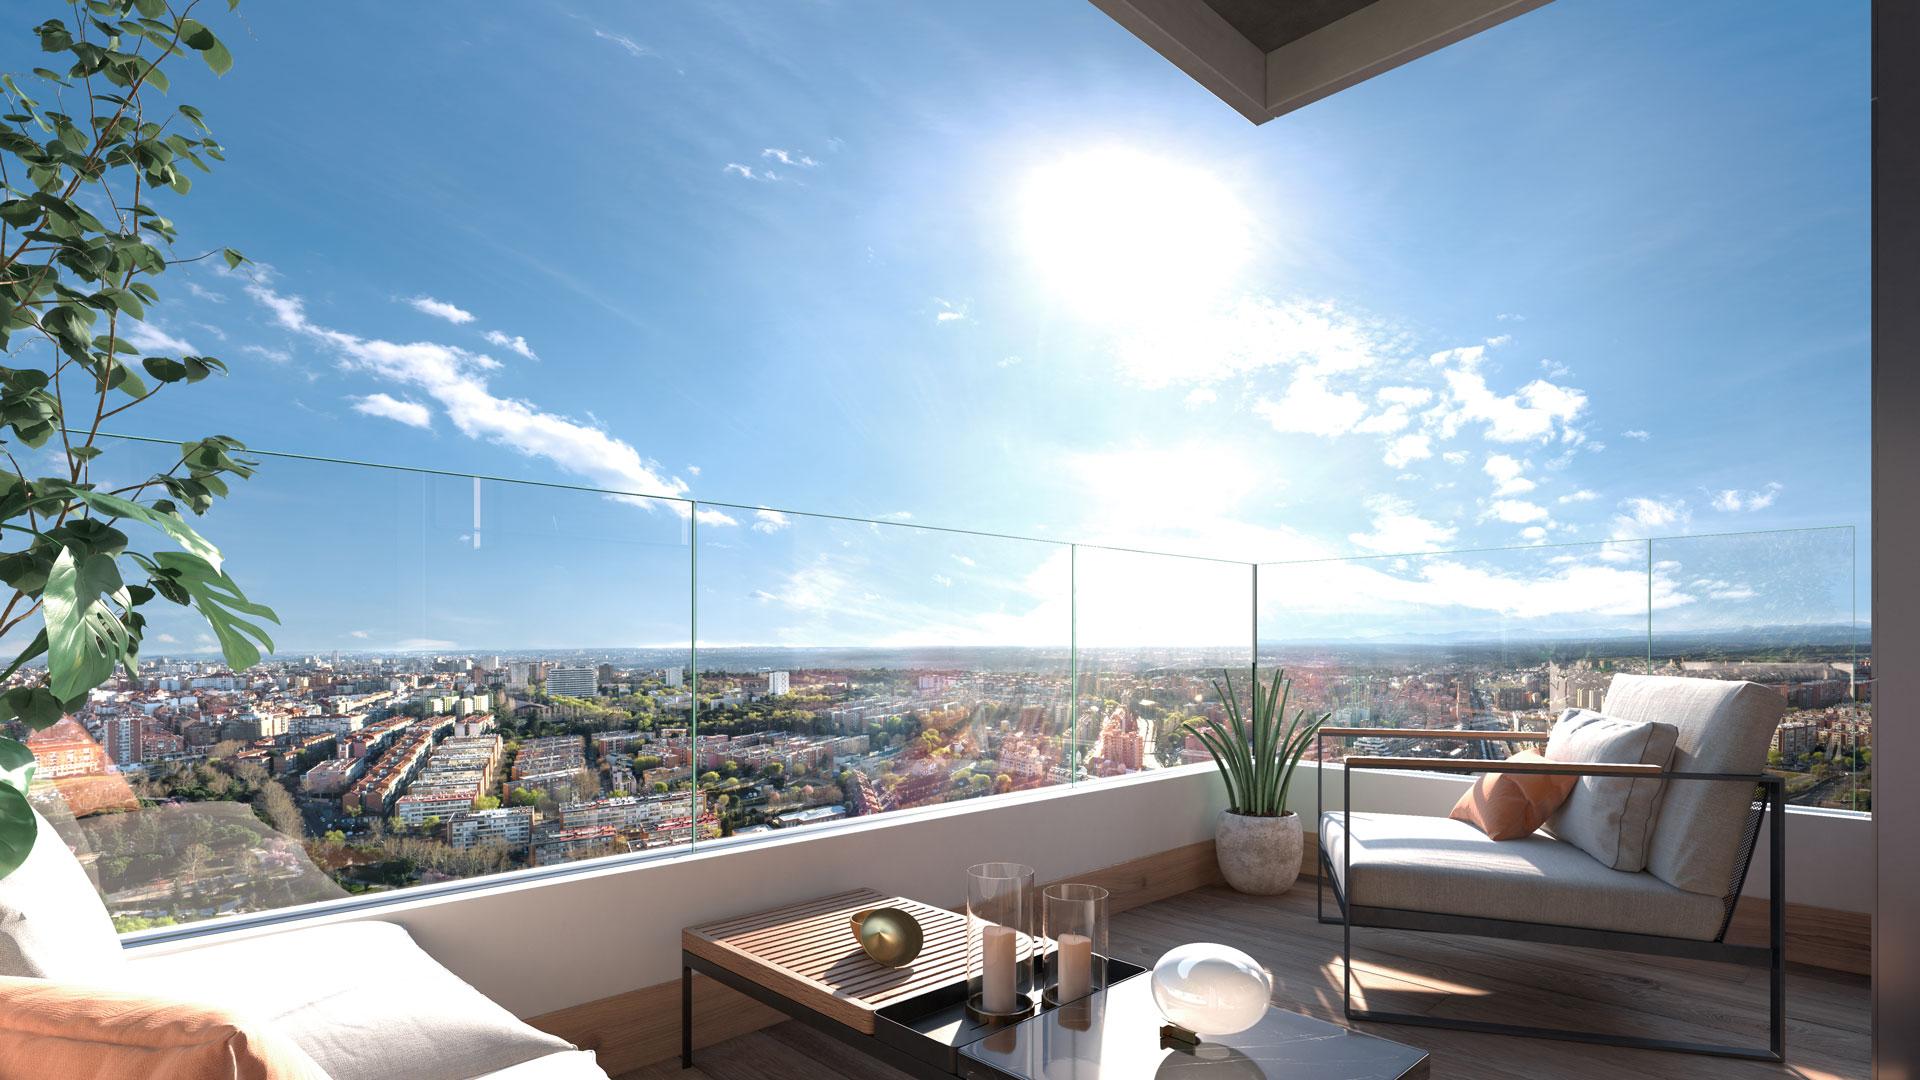 3-bedroom residence terrace with views towards the Dehesa de la Villa.